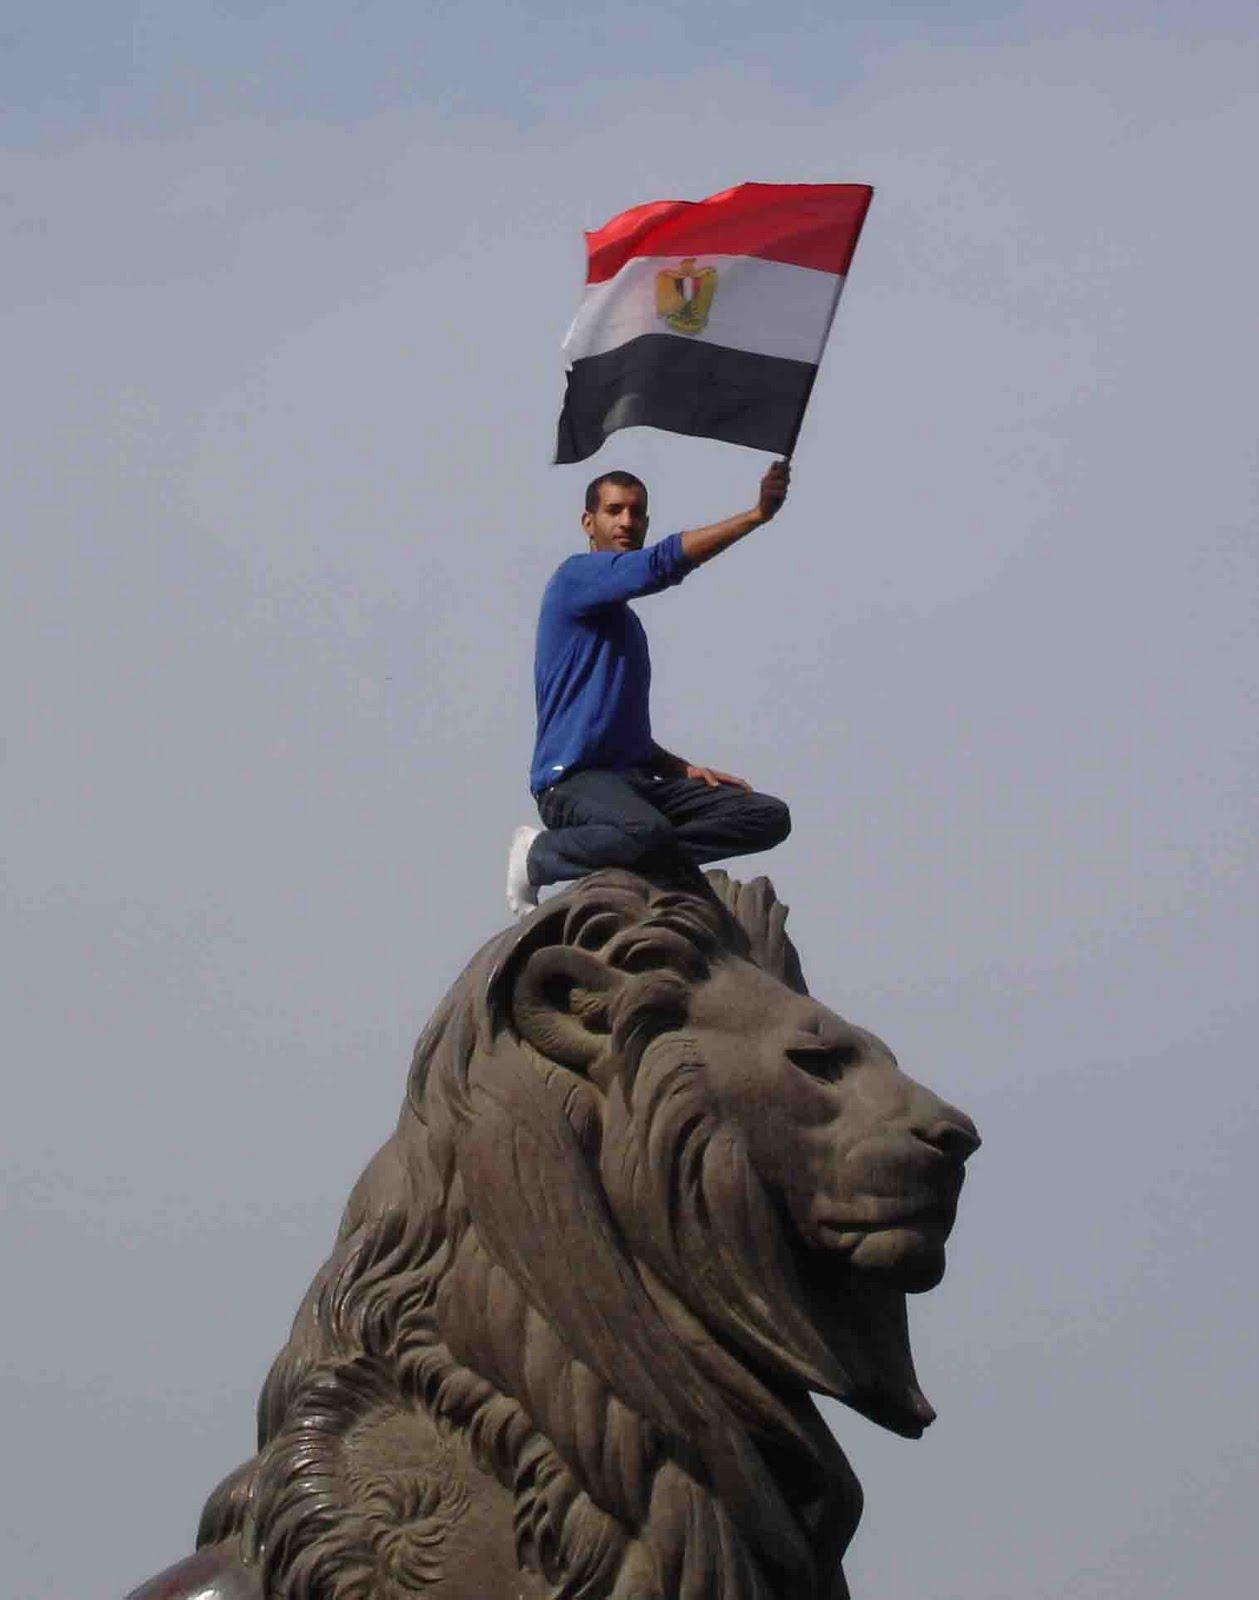 صور أرشفية من قلب أحداث الثورة The_lion_of_Egyptian_revolution_Qasr_al-Nil_Bridge